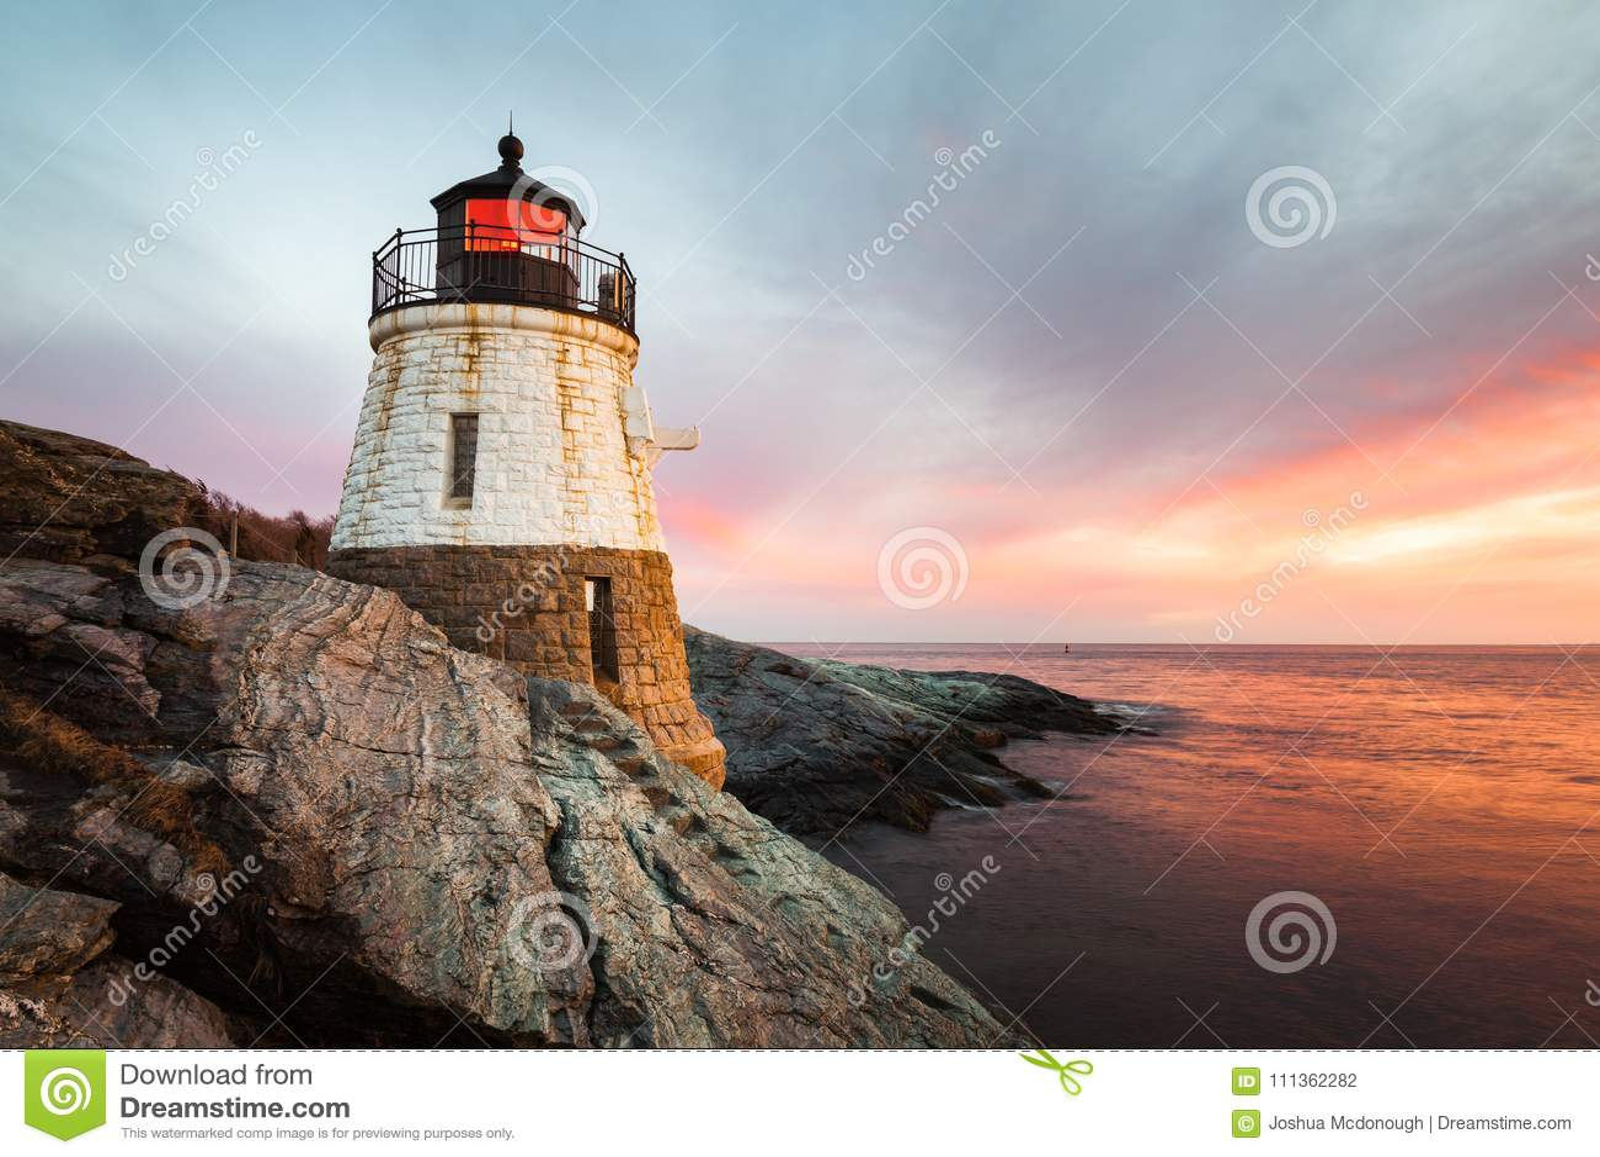 Castle Hill Lighthouse Newport Rhode Island at Sunset